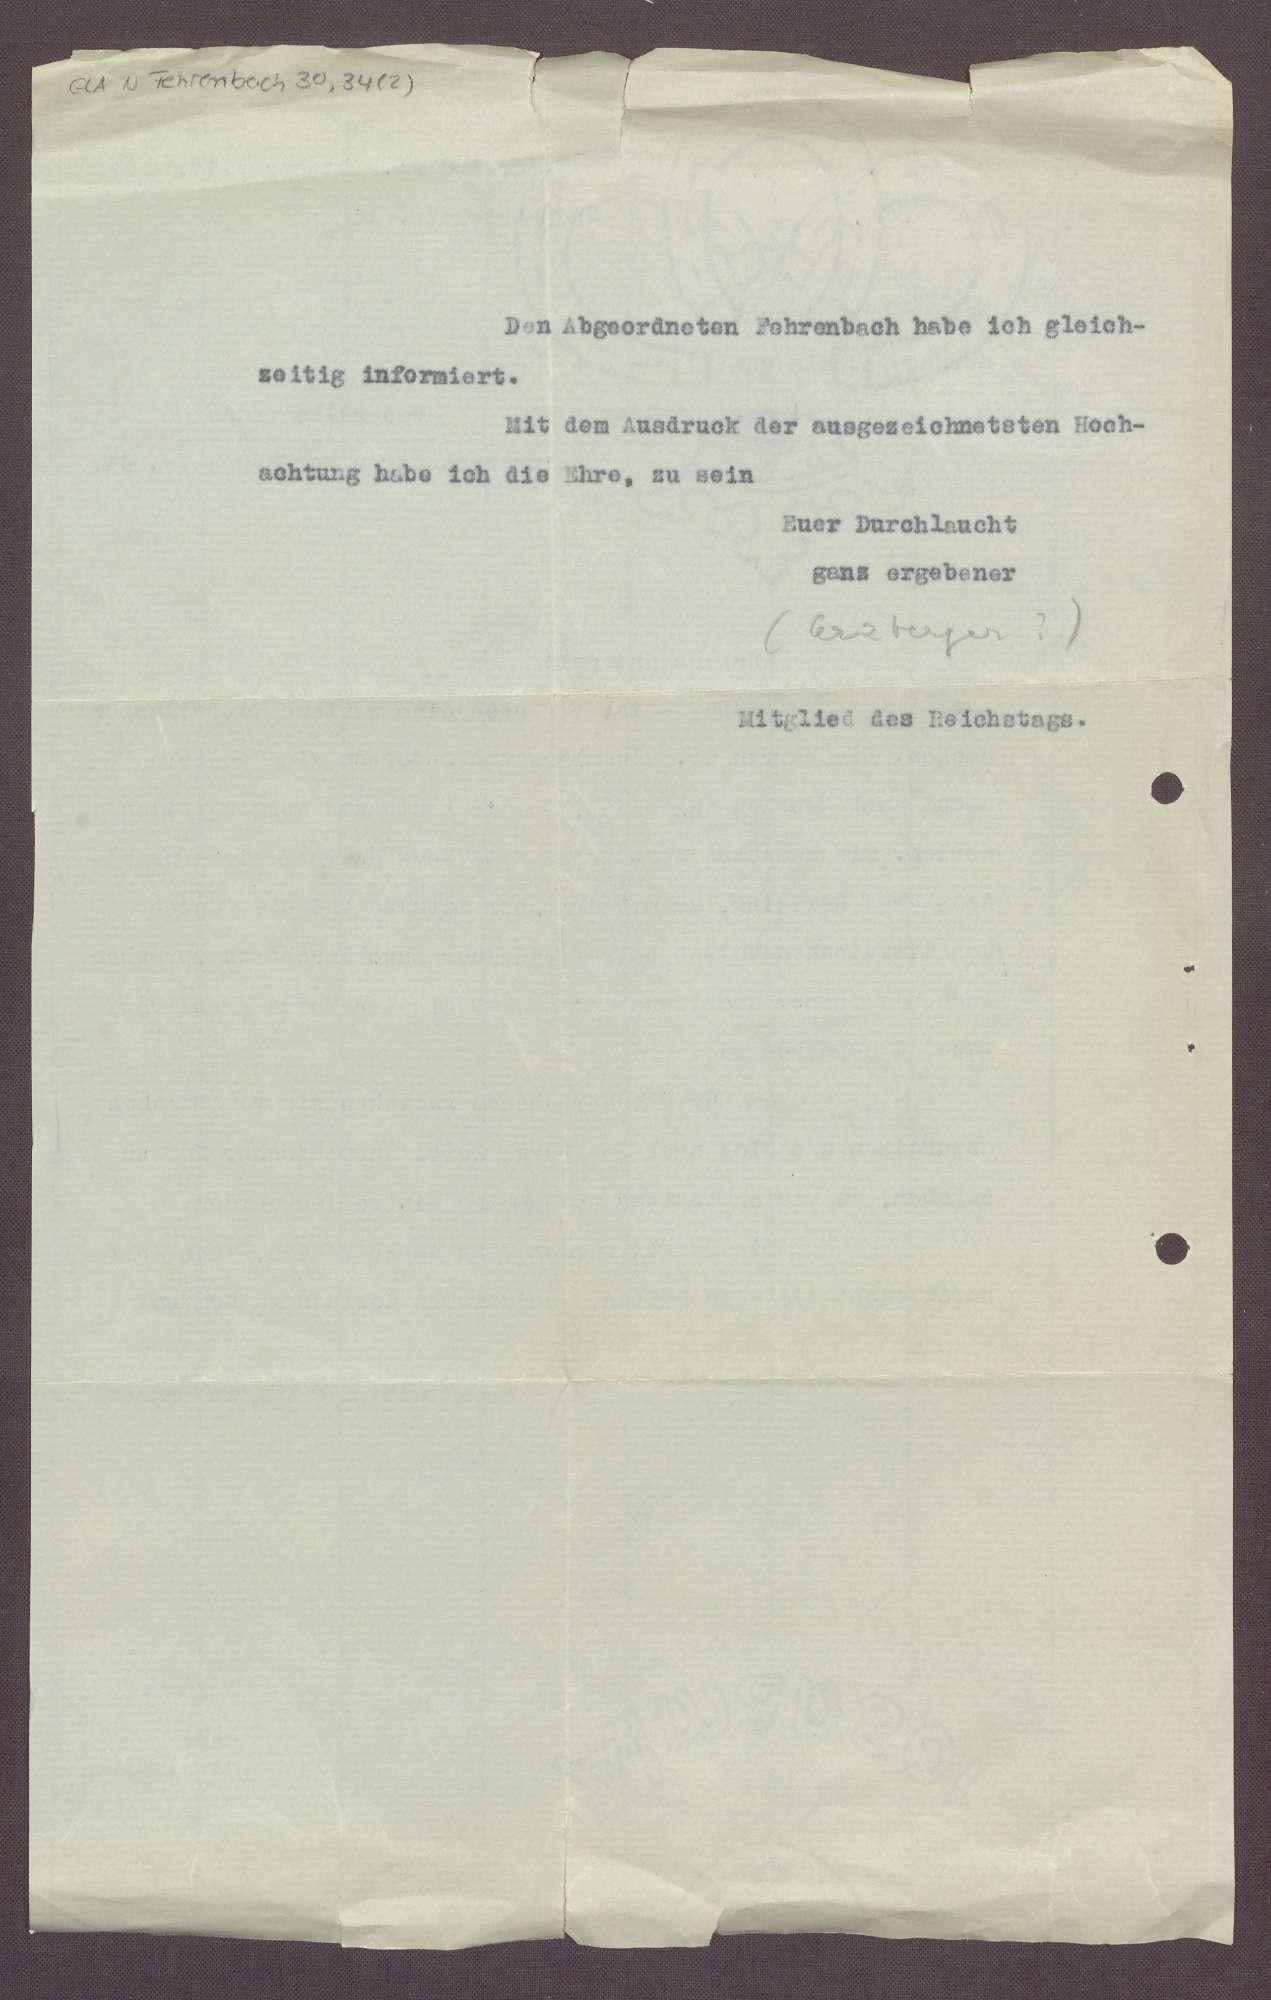 Schreiben von Matthias Erzberger an Constantin Fehrenbach, Abschrift eines Briefes an Herzog Wilhelm Karl von Urach, Bild 3